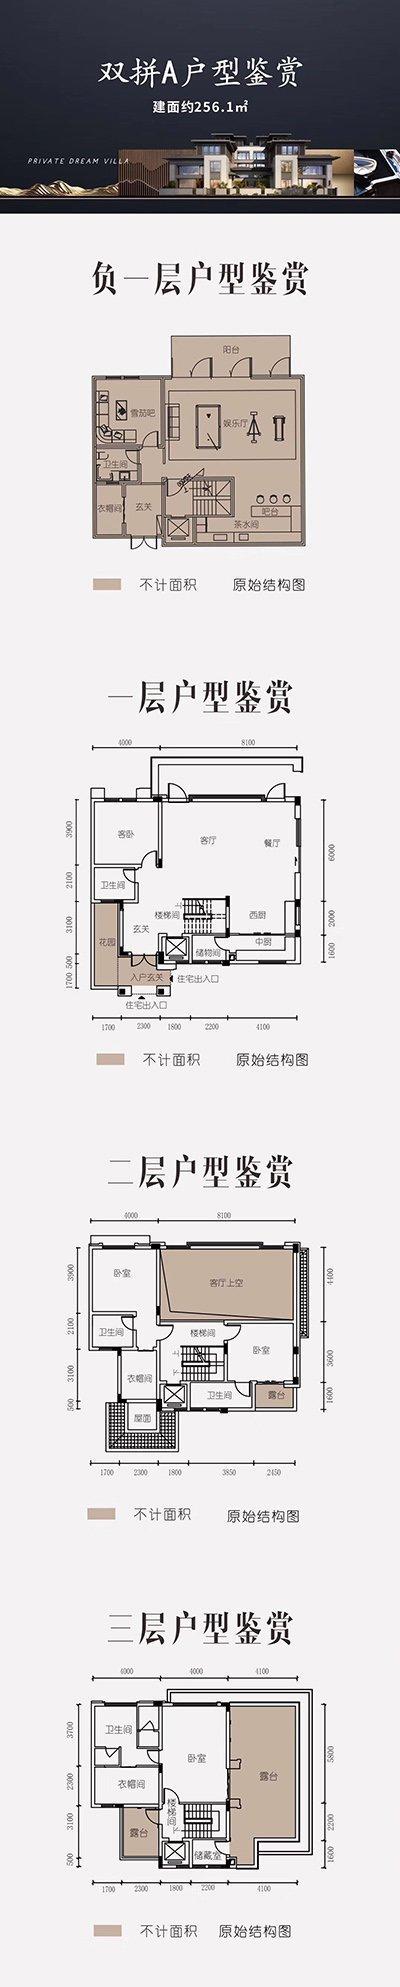 九龙坡区白市驿上邦高尔夫国际社区新房双拼A户型户型图